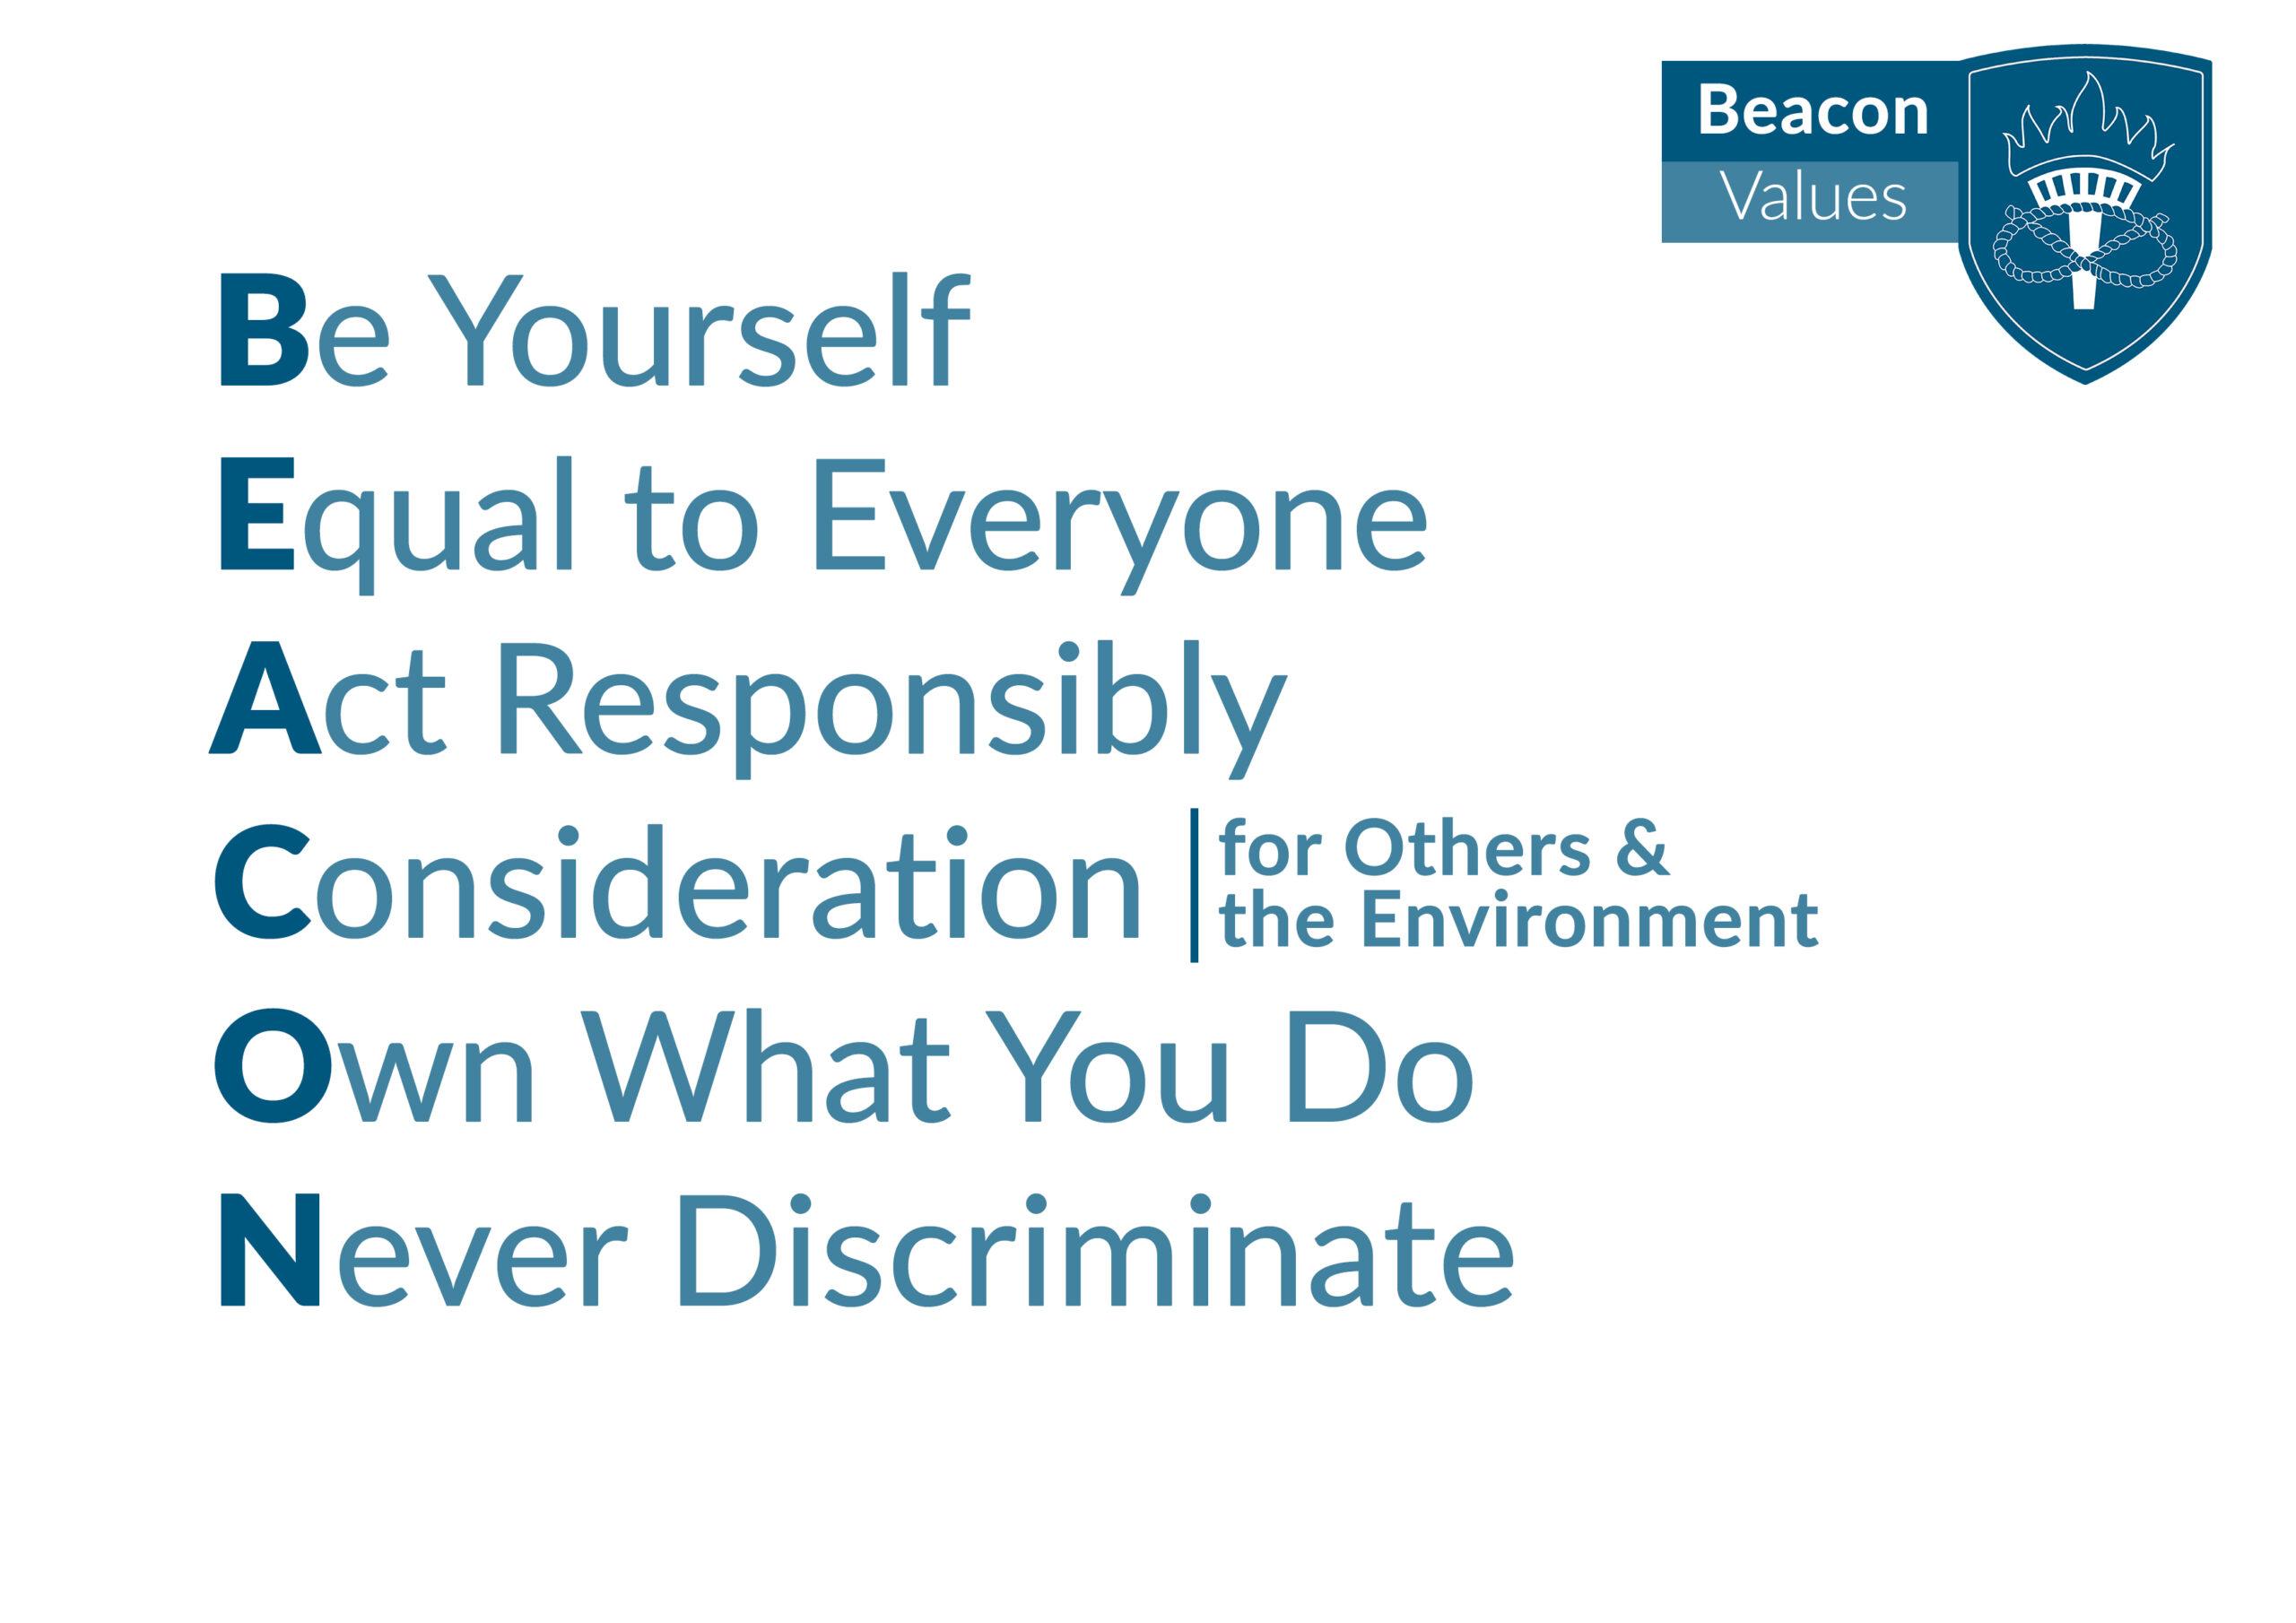 Beacon Values